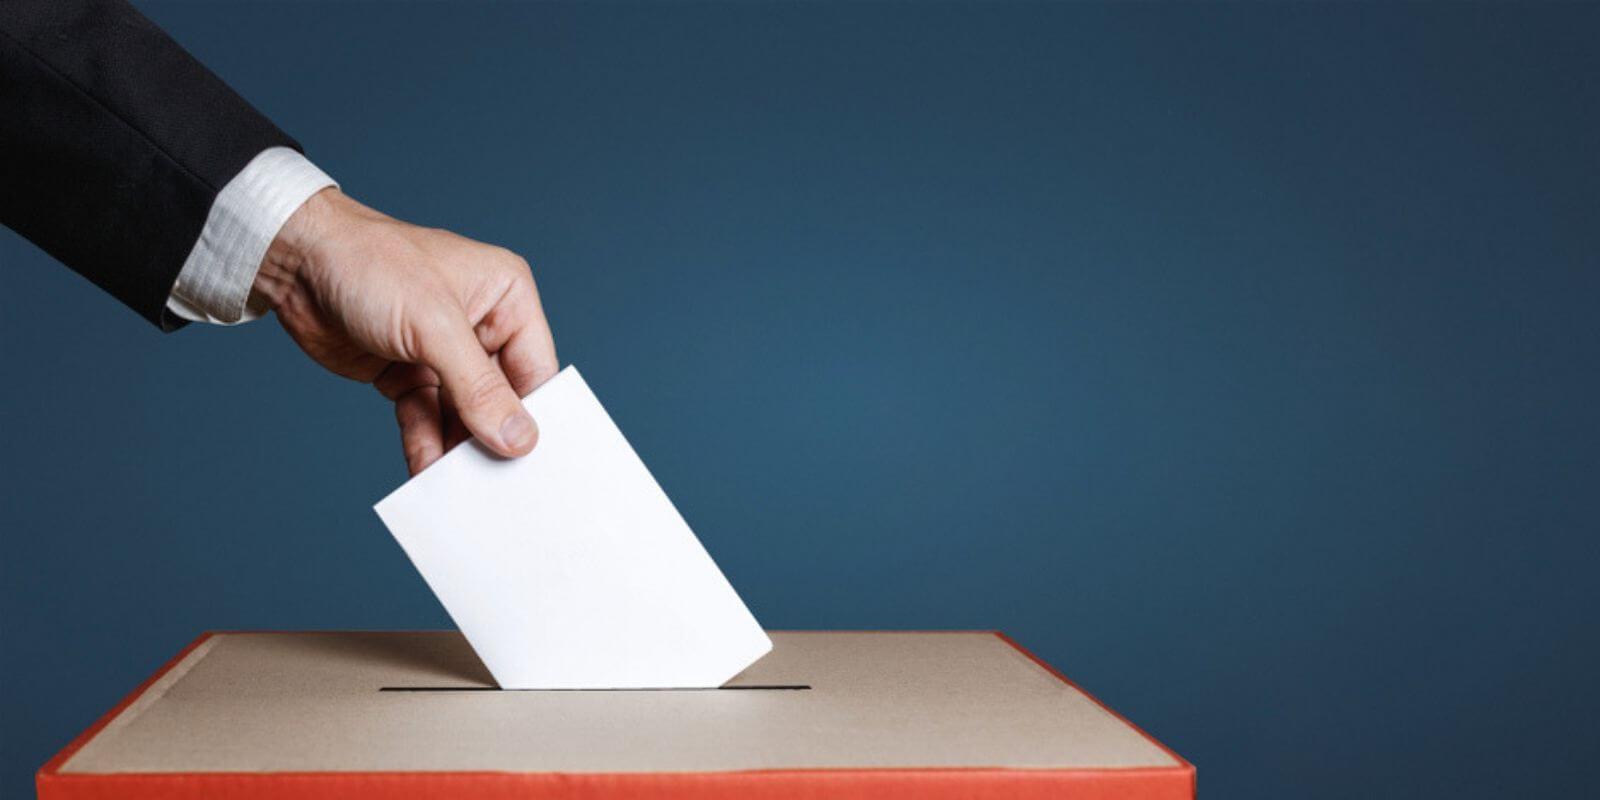 L'entreprise de sécurité Kaspersky propose des machines de vote basées sur la blockchain